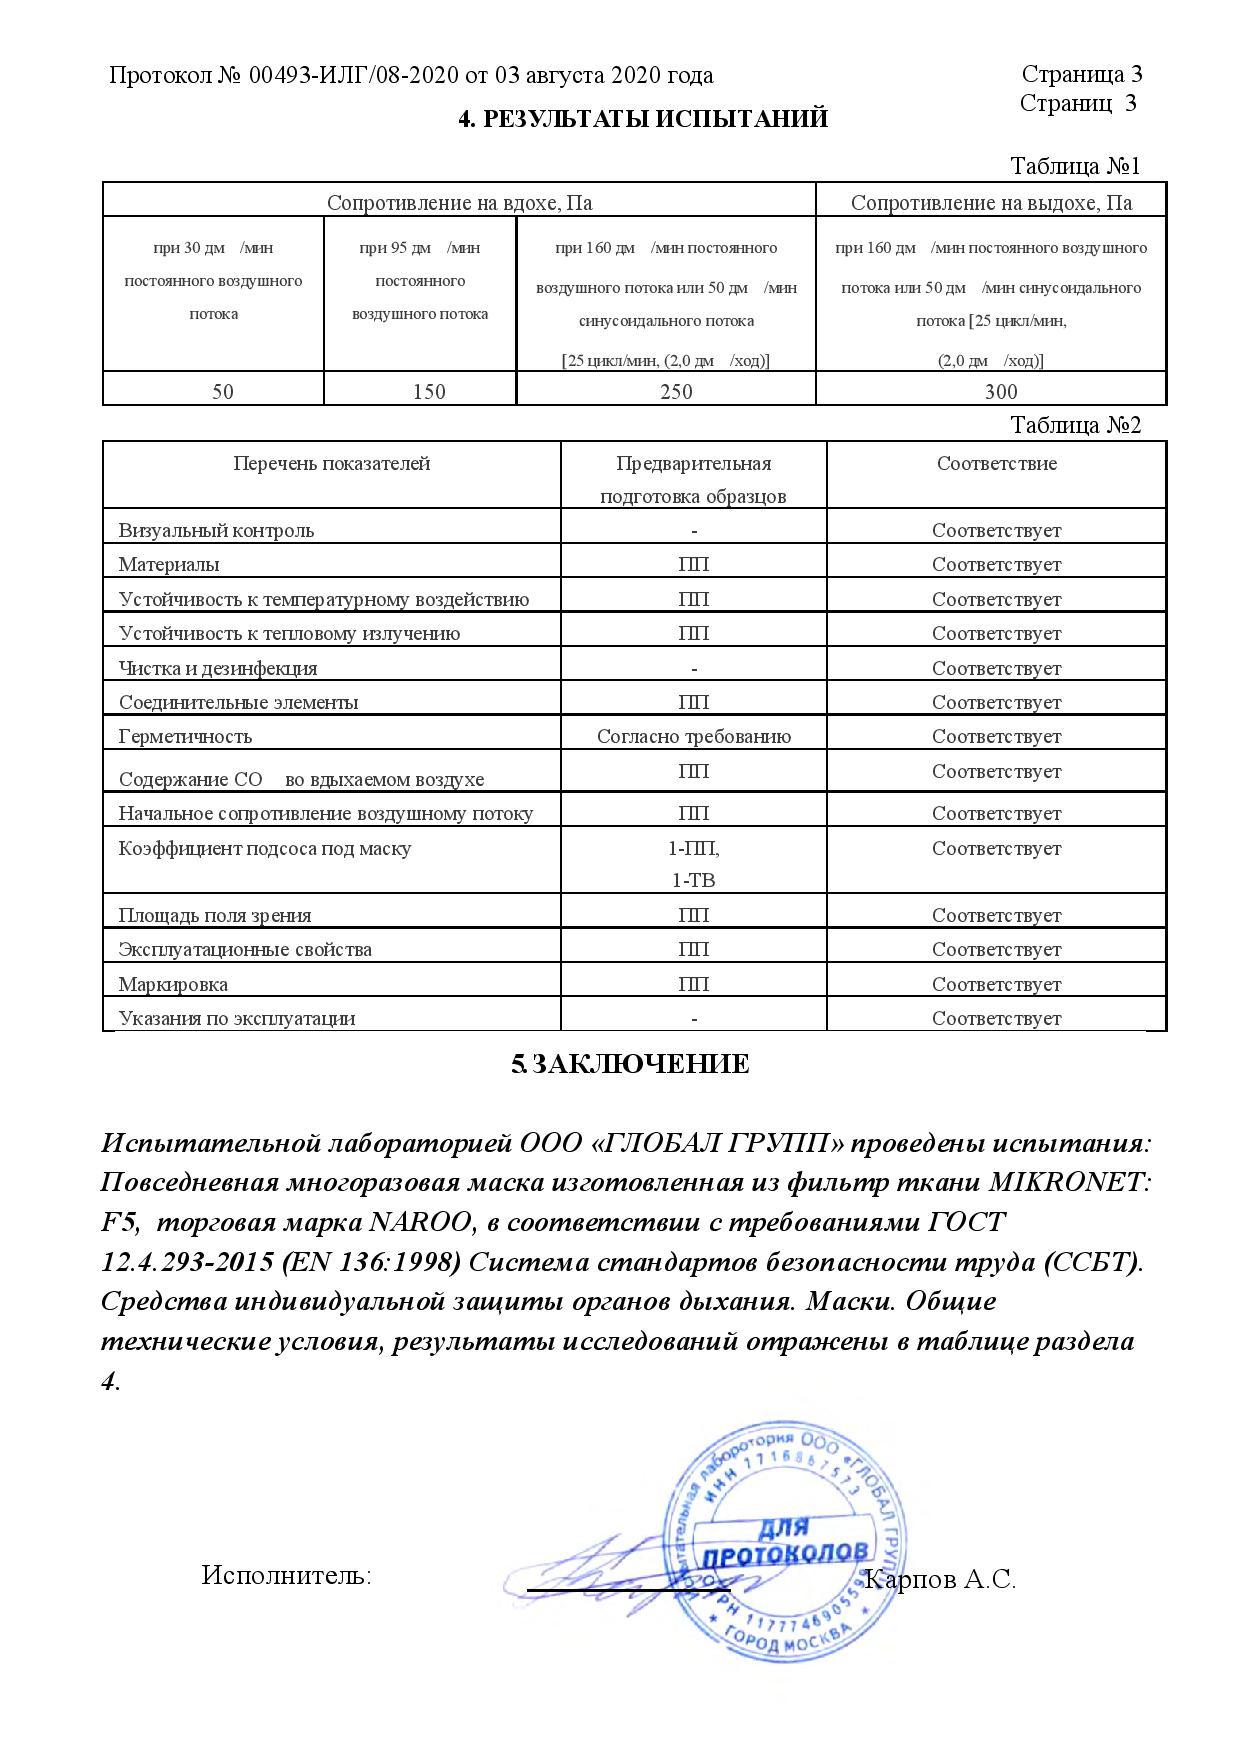 Ru test result 3